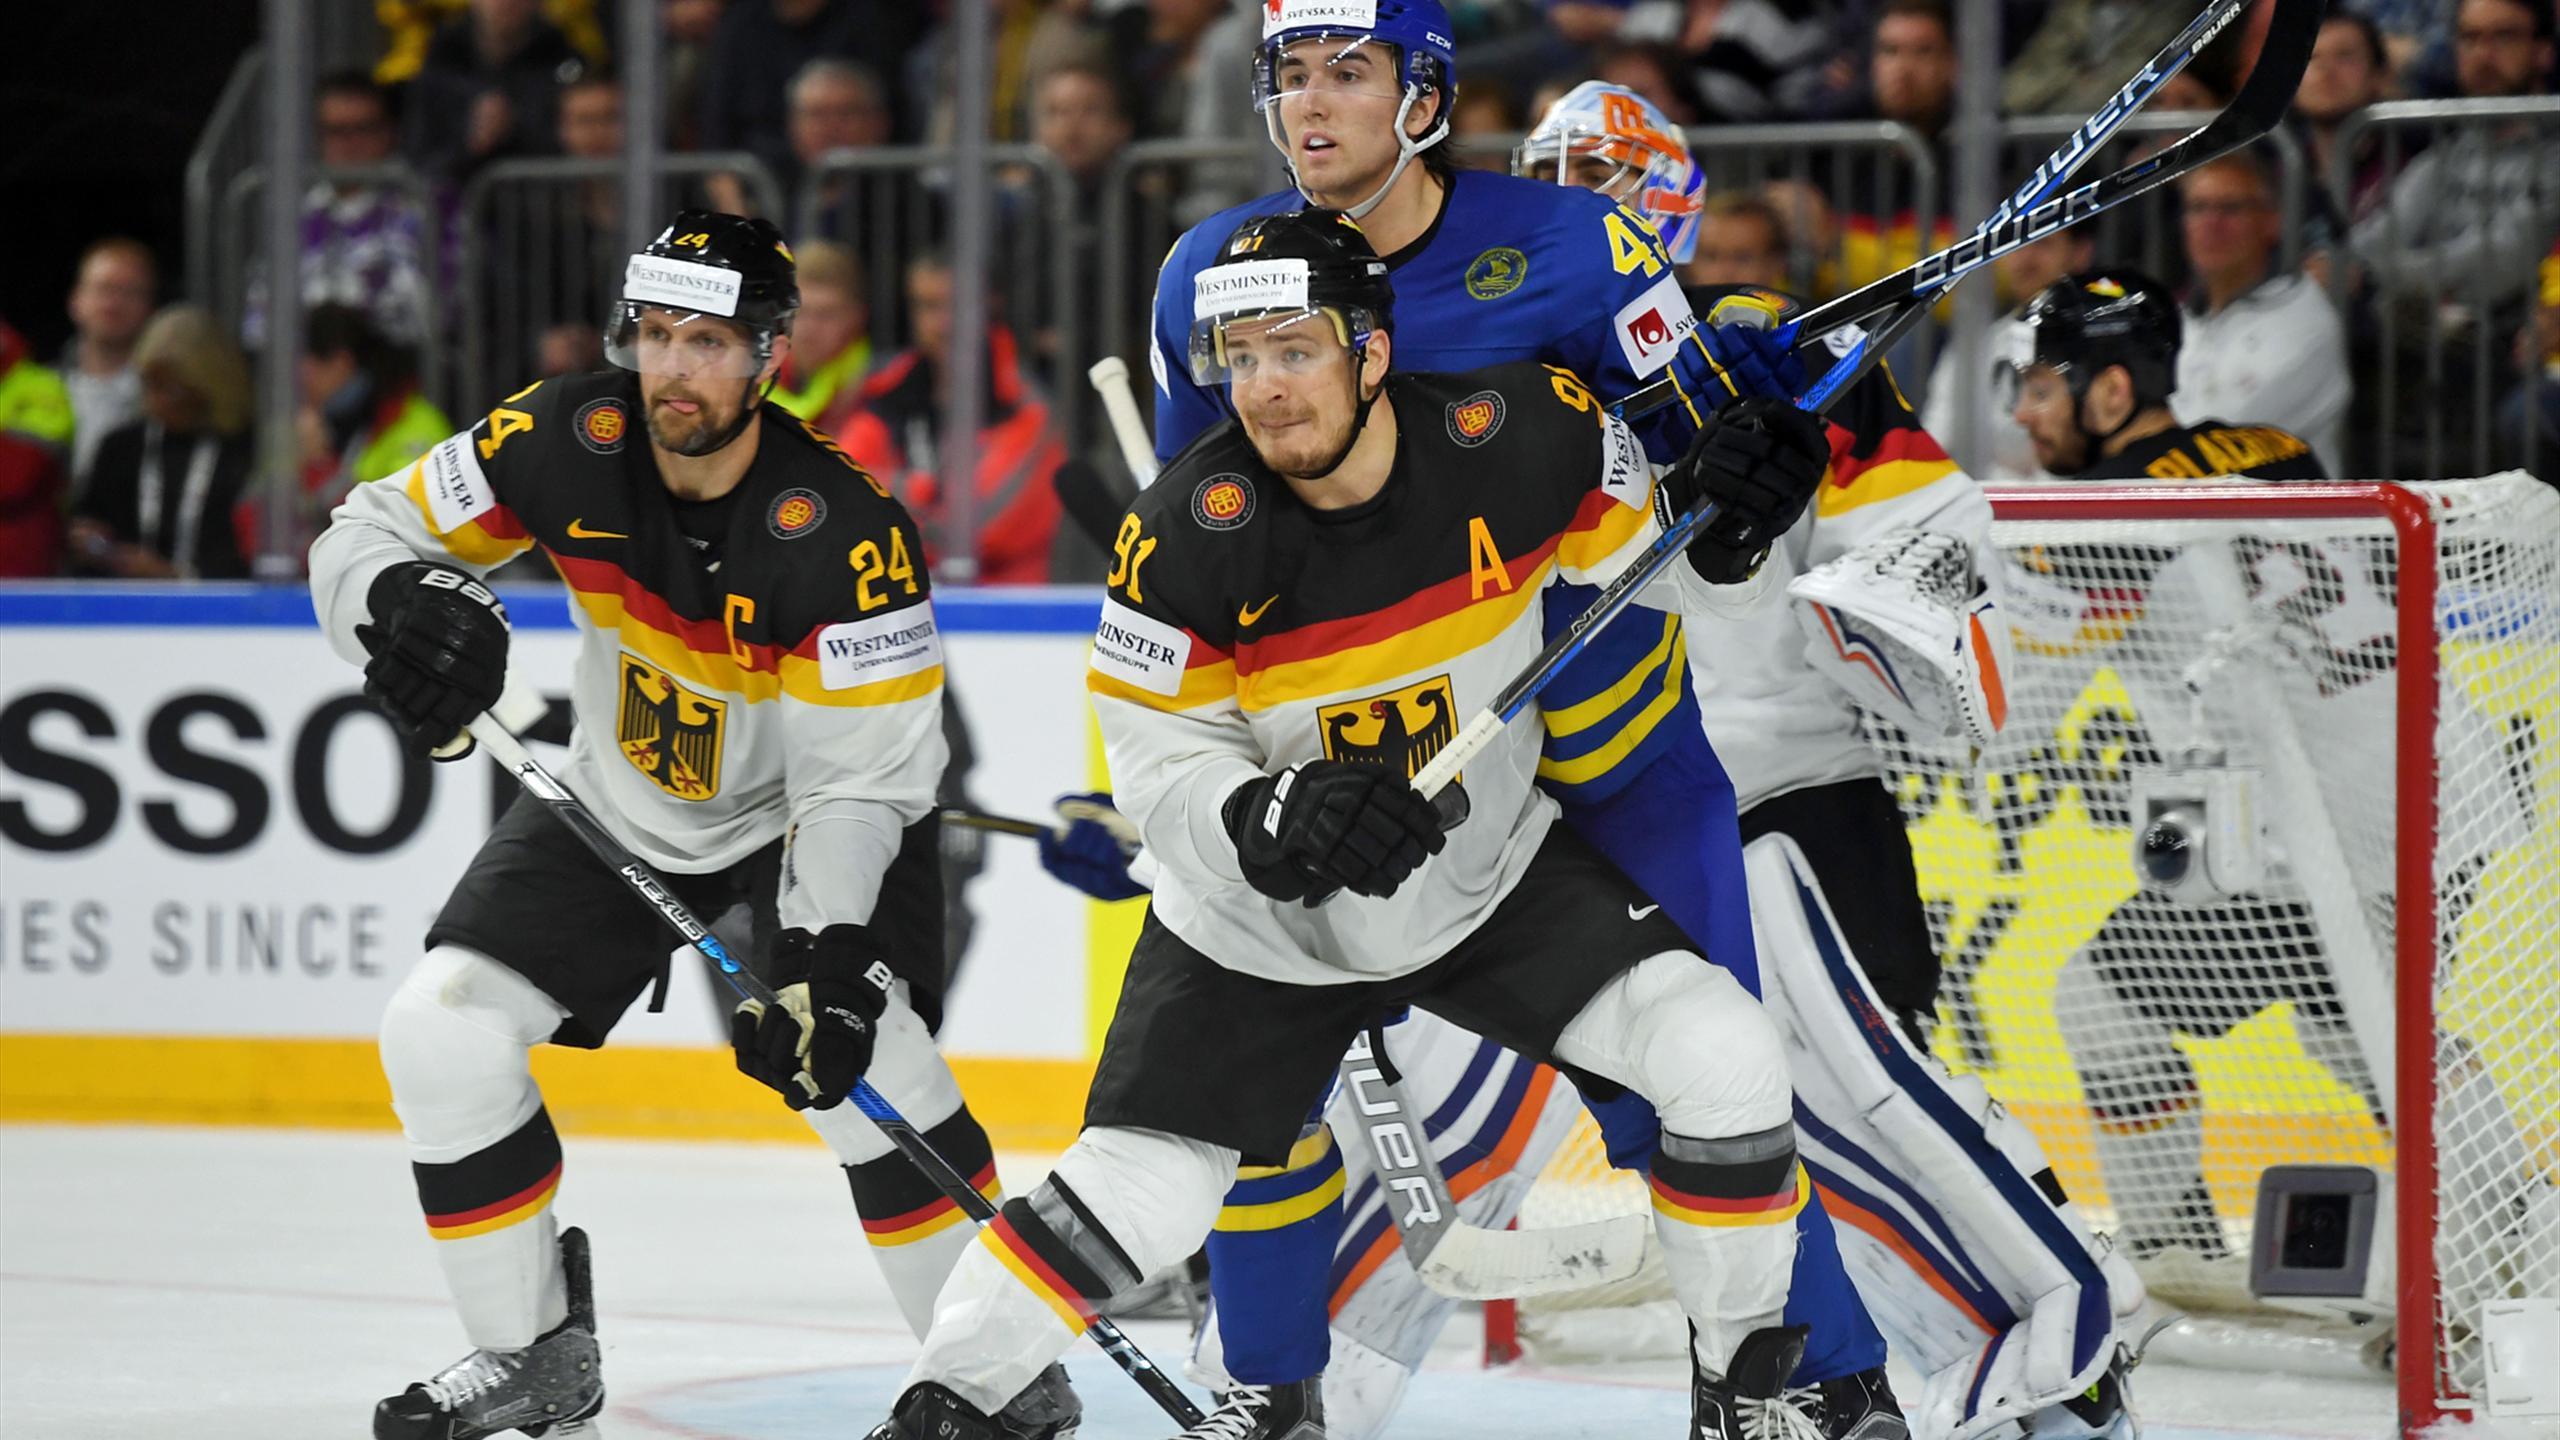 Eishockey Sport1